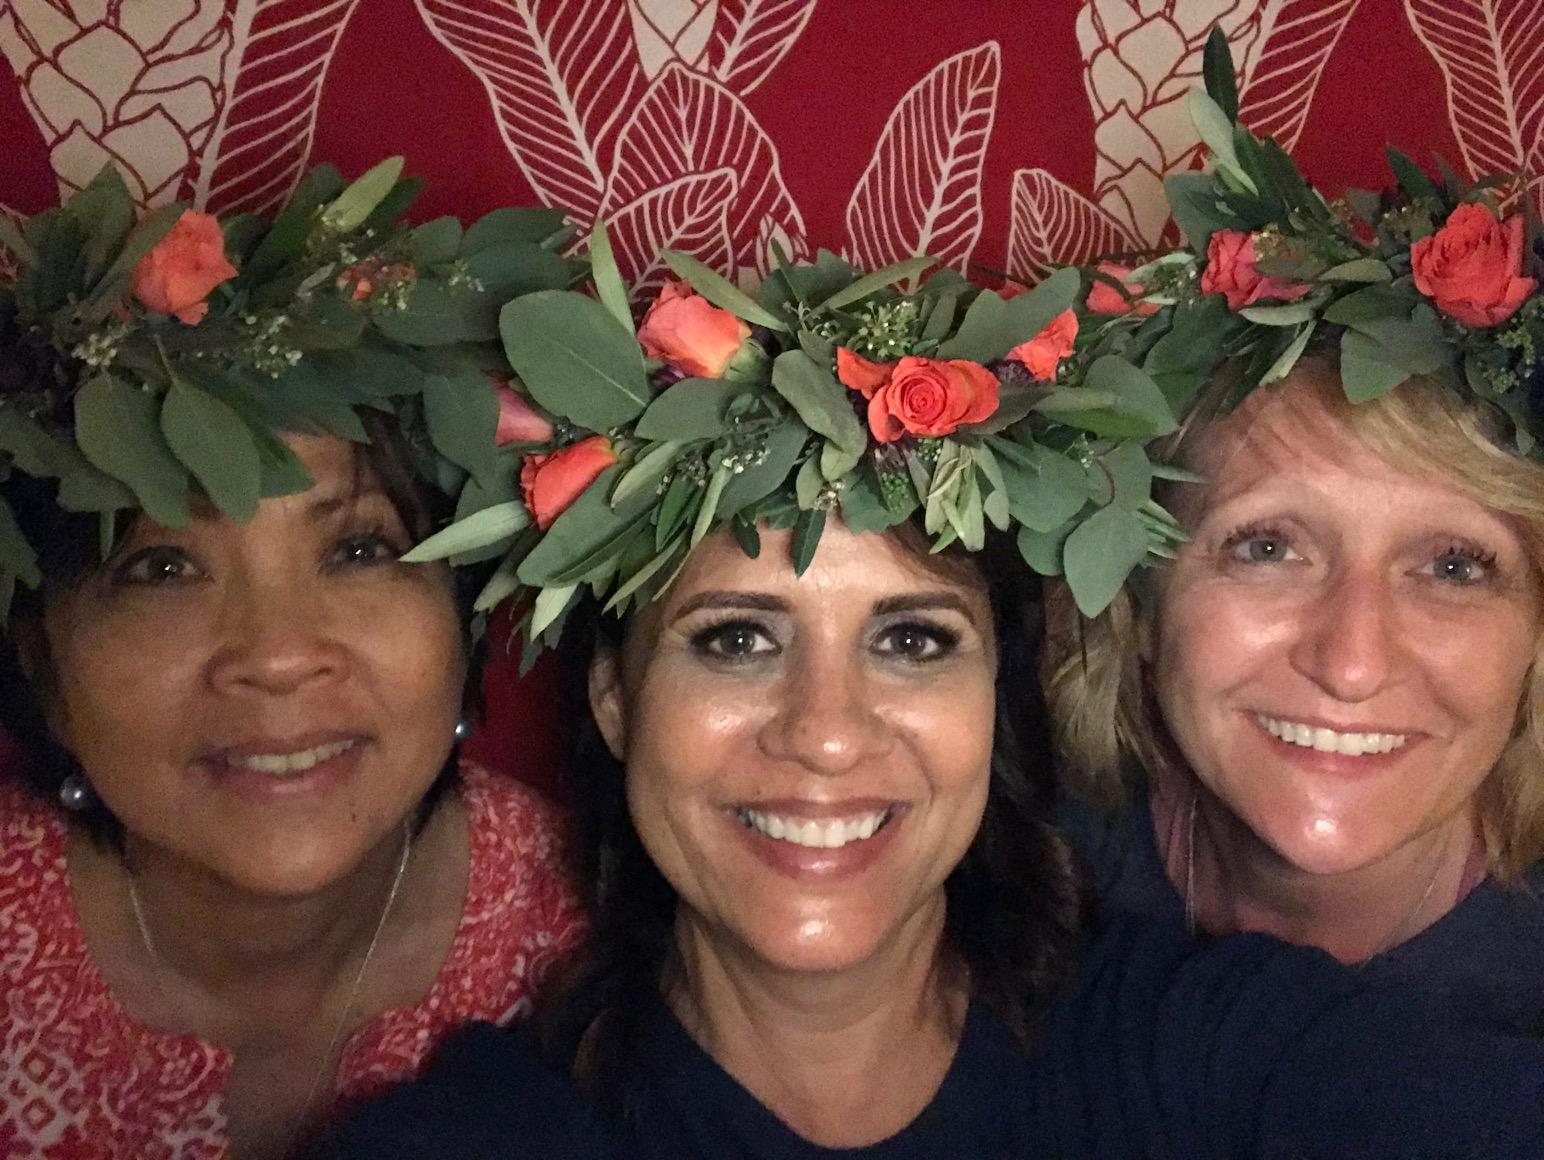 Linda, Cindy and Lisa